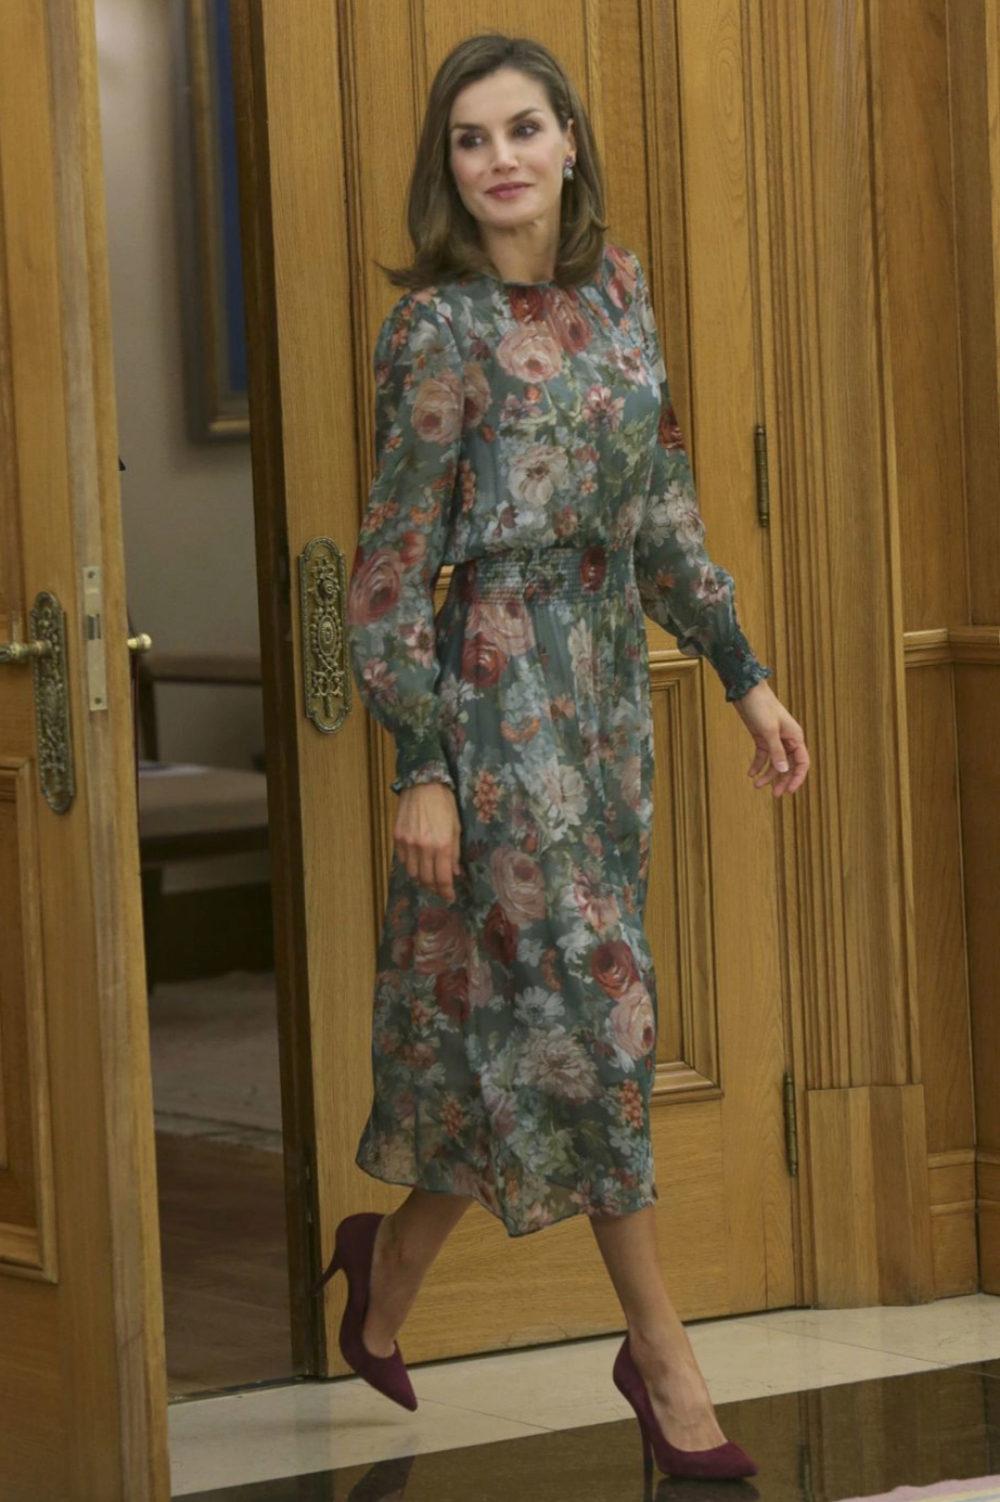 La Reina Letizia con vestido floral de Zara.